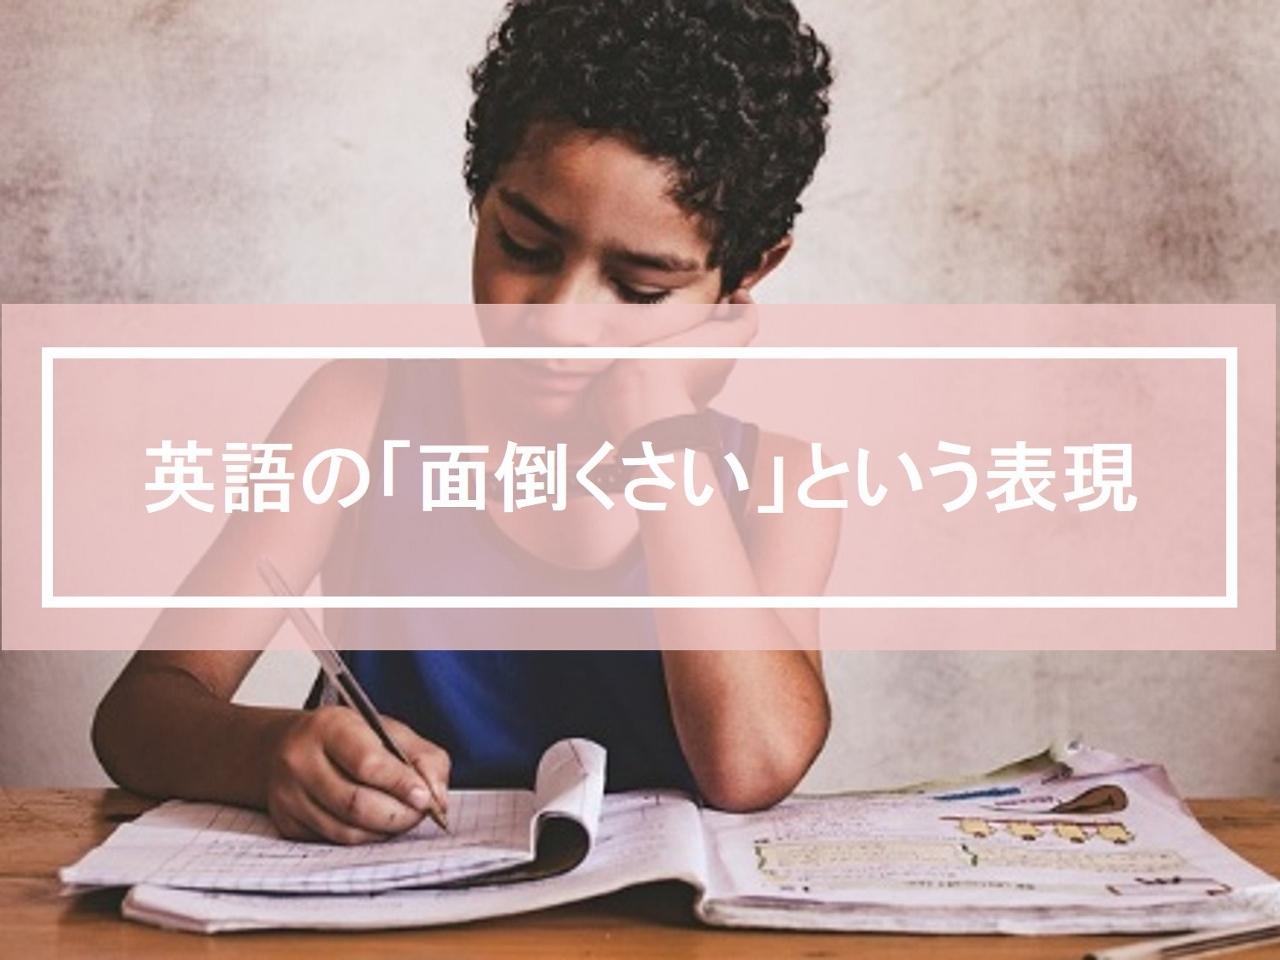 「面倒くさい」という表現の英語と例文